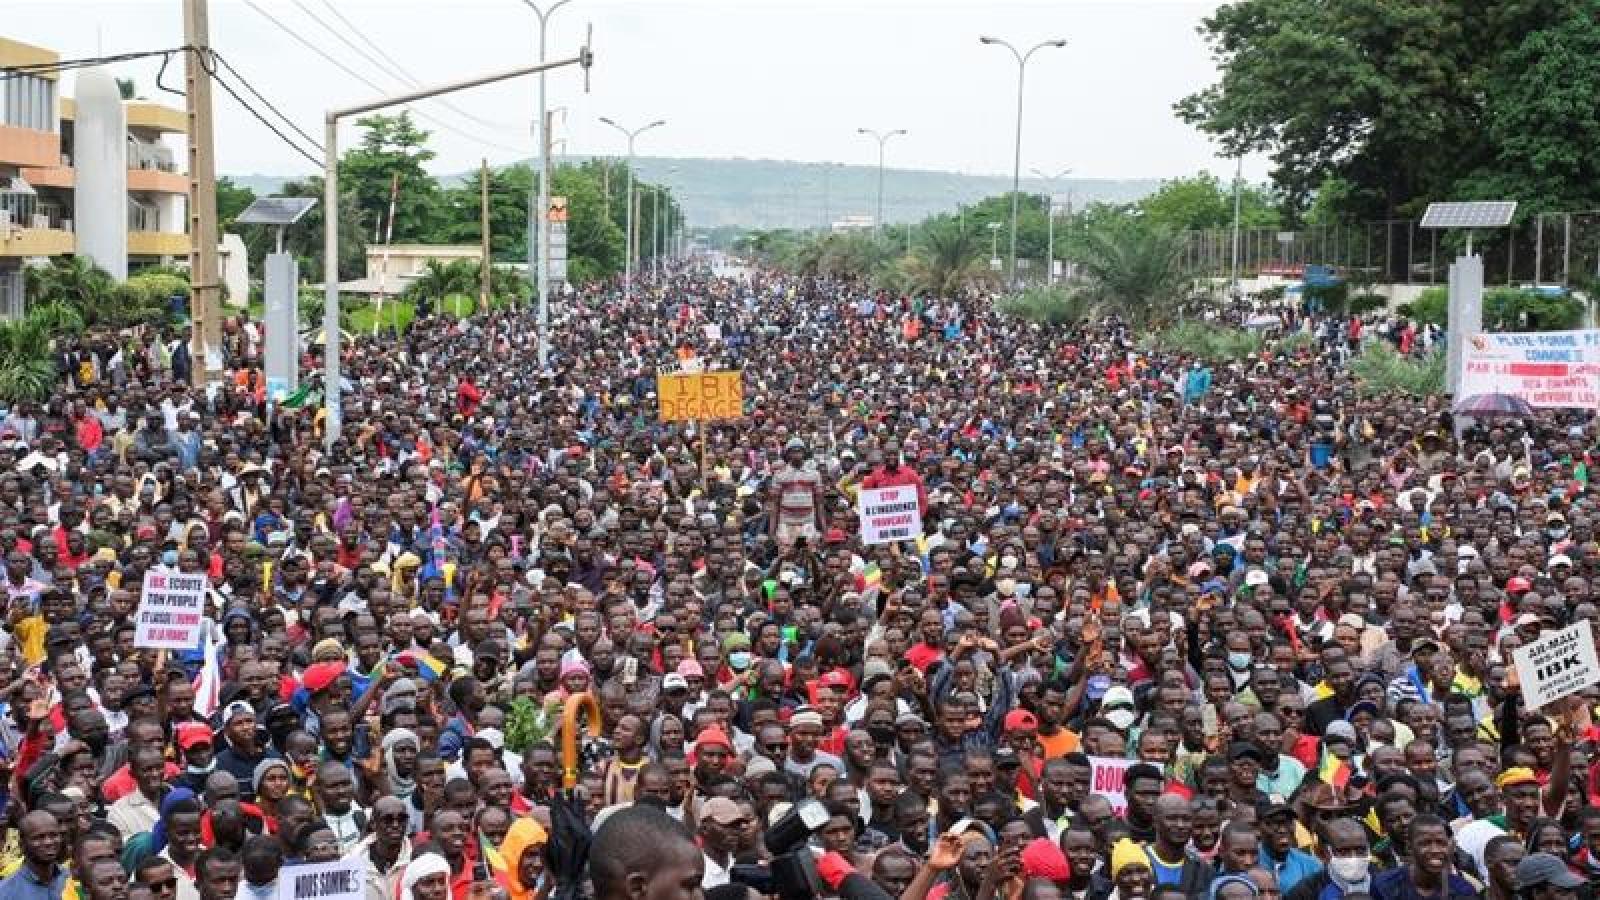 Quốc tế phản ứng trước binh biến Mali, Hội đồng Bảo an LHQ họp khẩn